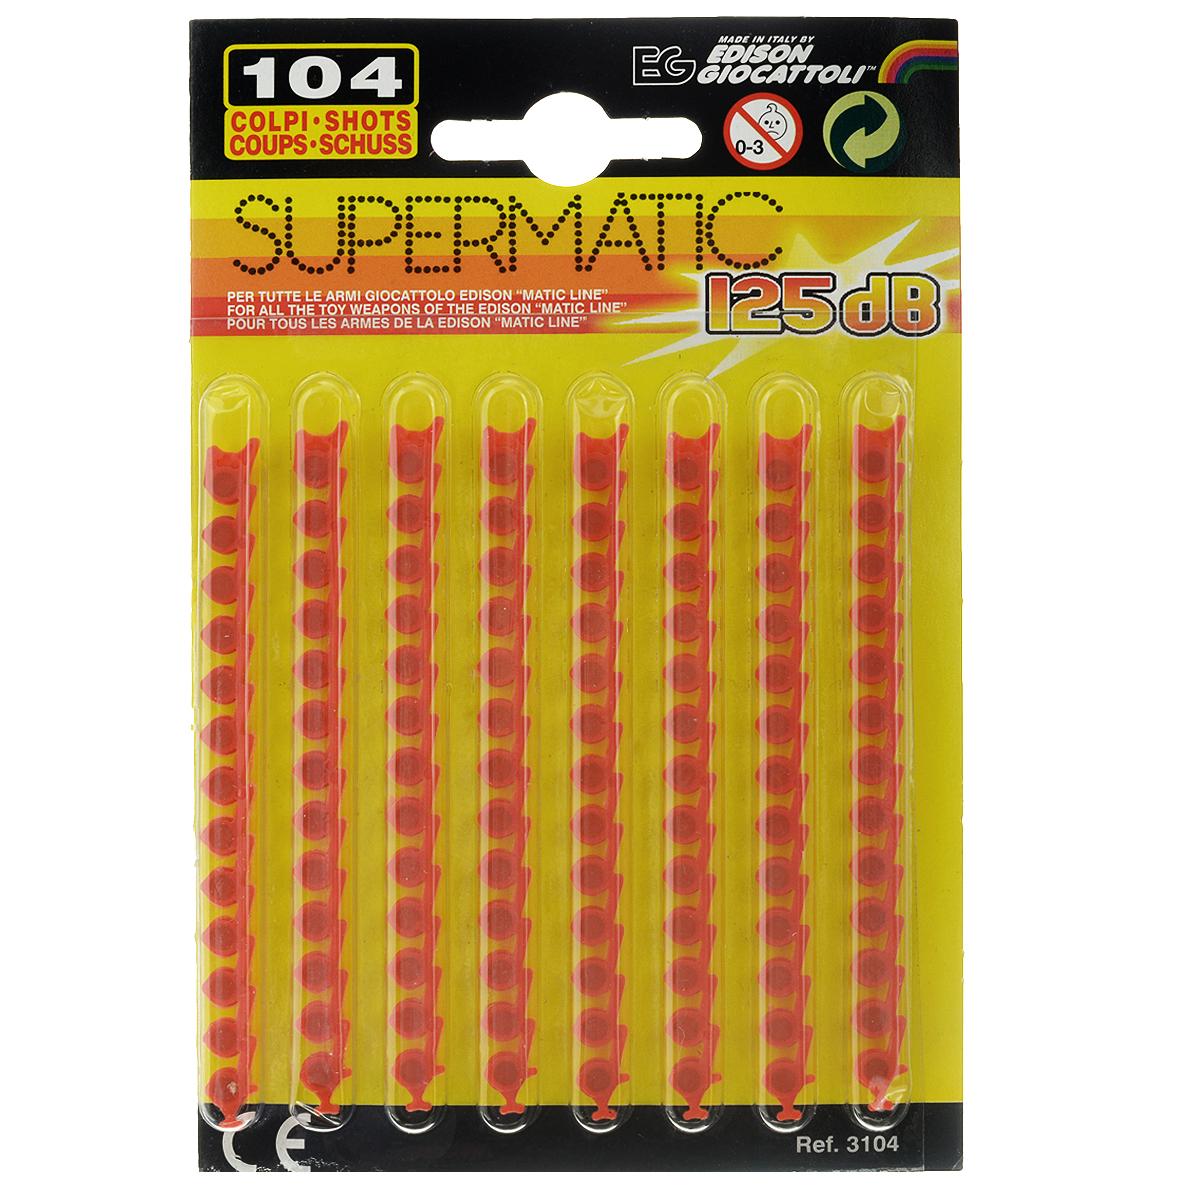 Пистоны Supermatic, 13-зарядные, 104 шт3104/4613-зарядные пистоны из набора Supermatic сделают выстрелы из игрушечного оружия более реалистичными. Пистоны приобретаются в качестве дополнения к моделям детского оружия с магазином емкостью 13 зарядов. В набор входят 8 лент по 13 пистонов в каждой. Edison Giocattoli - итальянский производитель игрушечного оружия для социально-ролевых игр, развивающих в детях чувство справедливости, мышление, логику и активность. Все игрушки этого бренда изготовлены из безопасных для здоровья детей материалов.